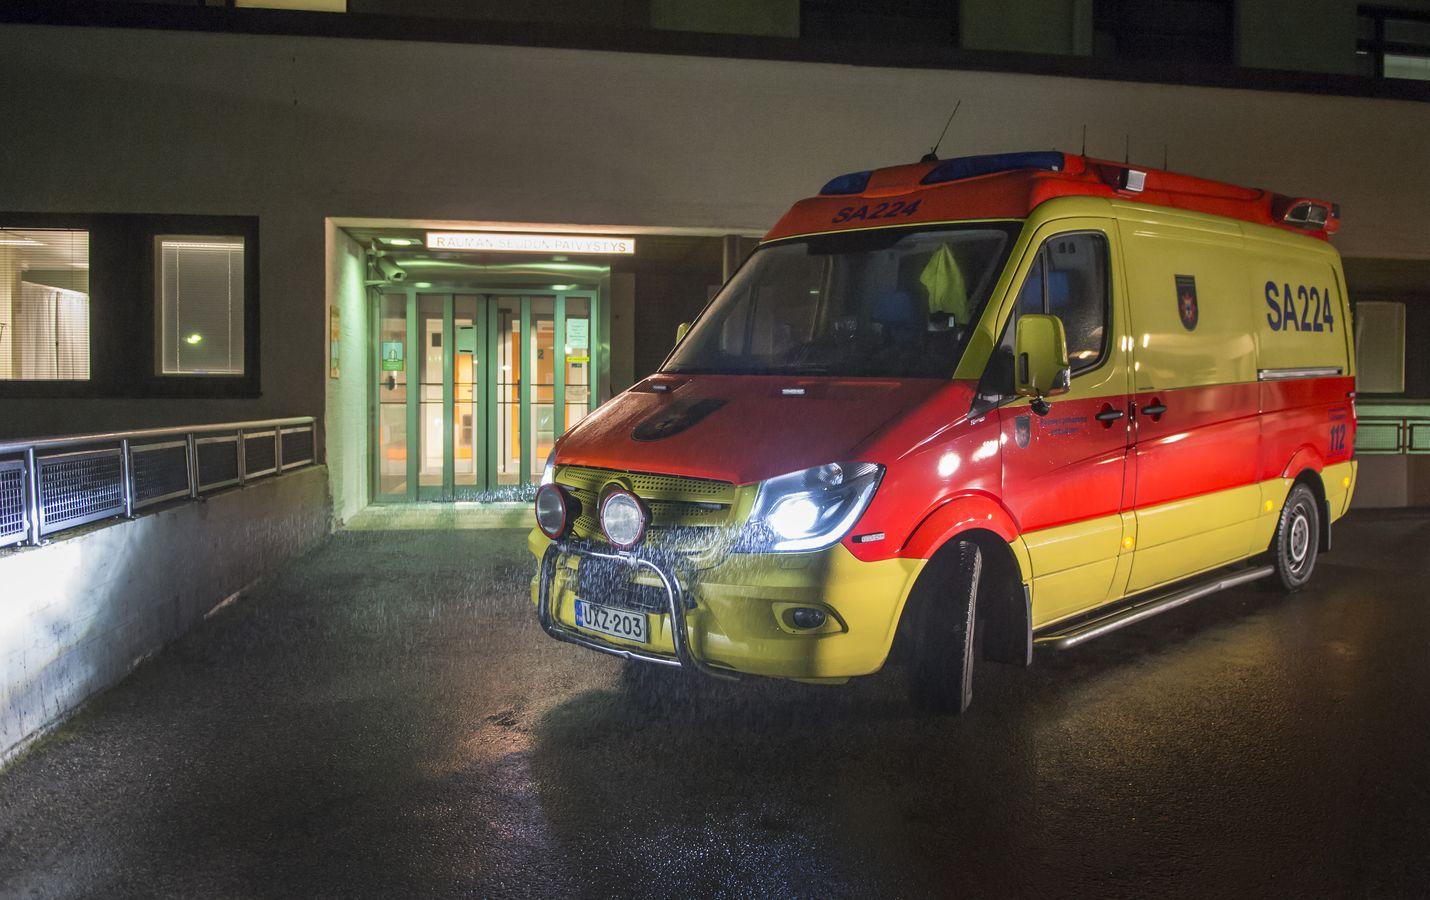 Rauman seudun päivystys on ensi kesänä viisi viikkoa kiinni kello 22–8. Iltaseitsemän on se maaginen raja, jonka jälkeen ambulanssi kaartaa päivystyspotilaan kanssa suoraan Poriin.